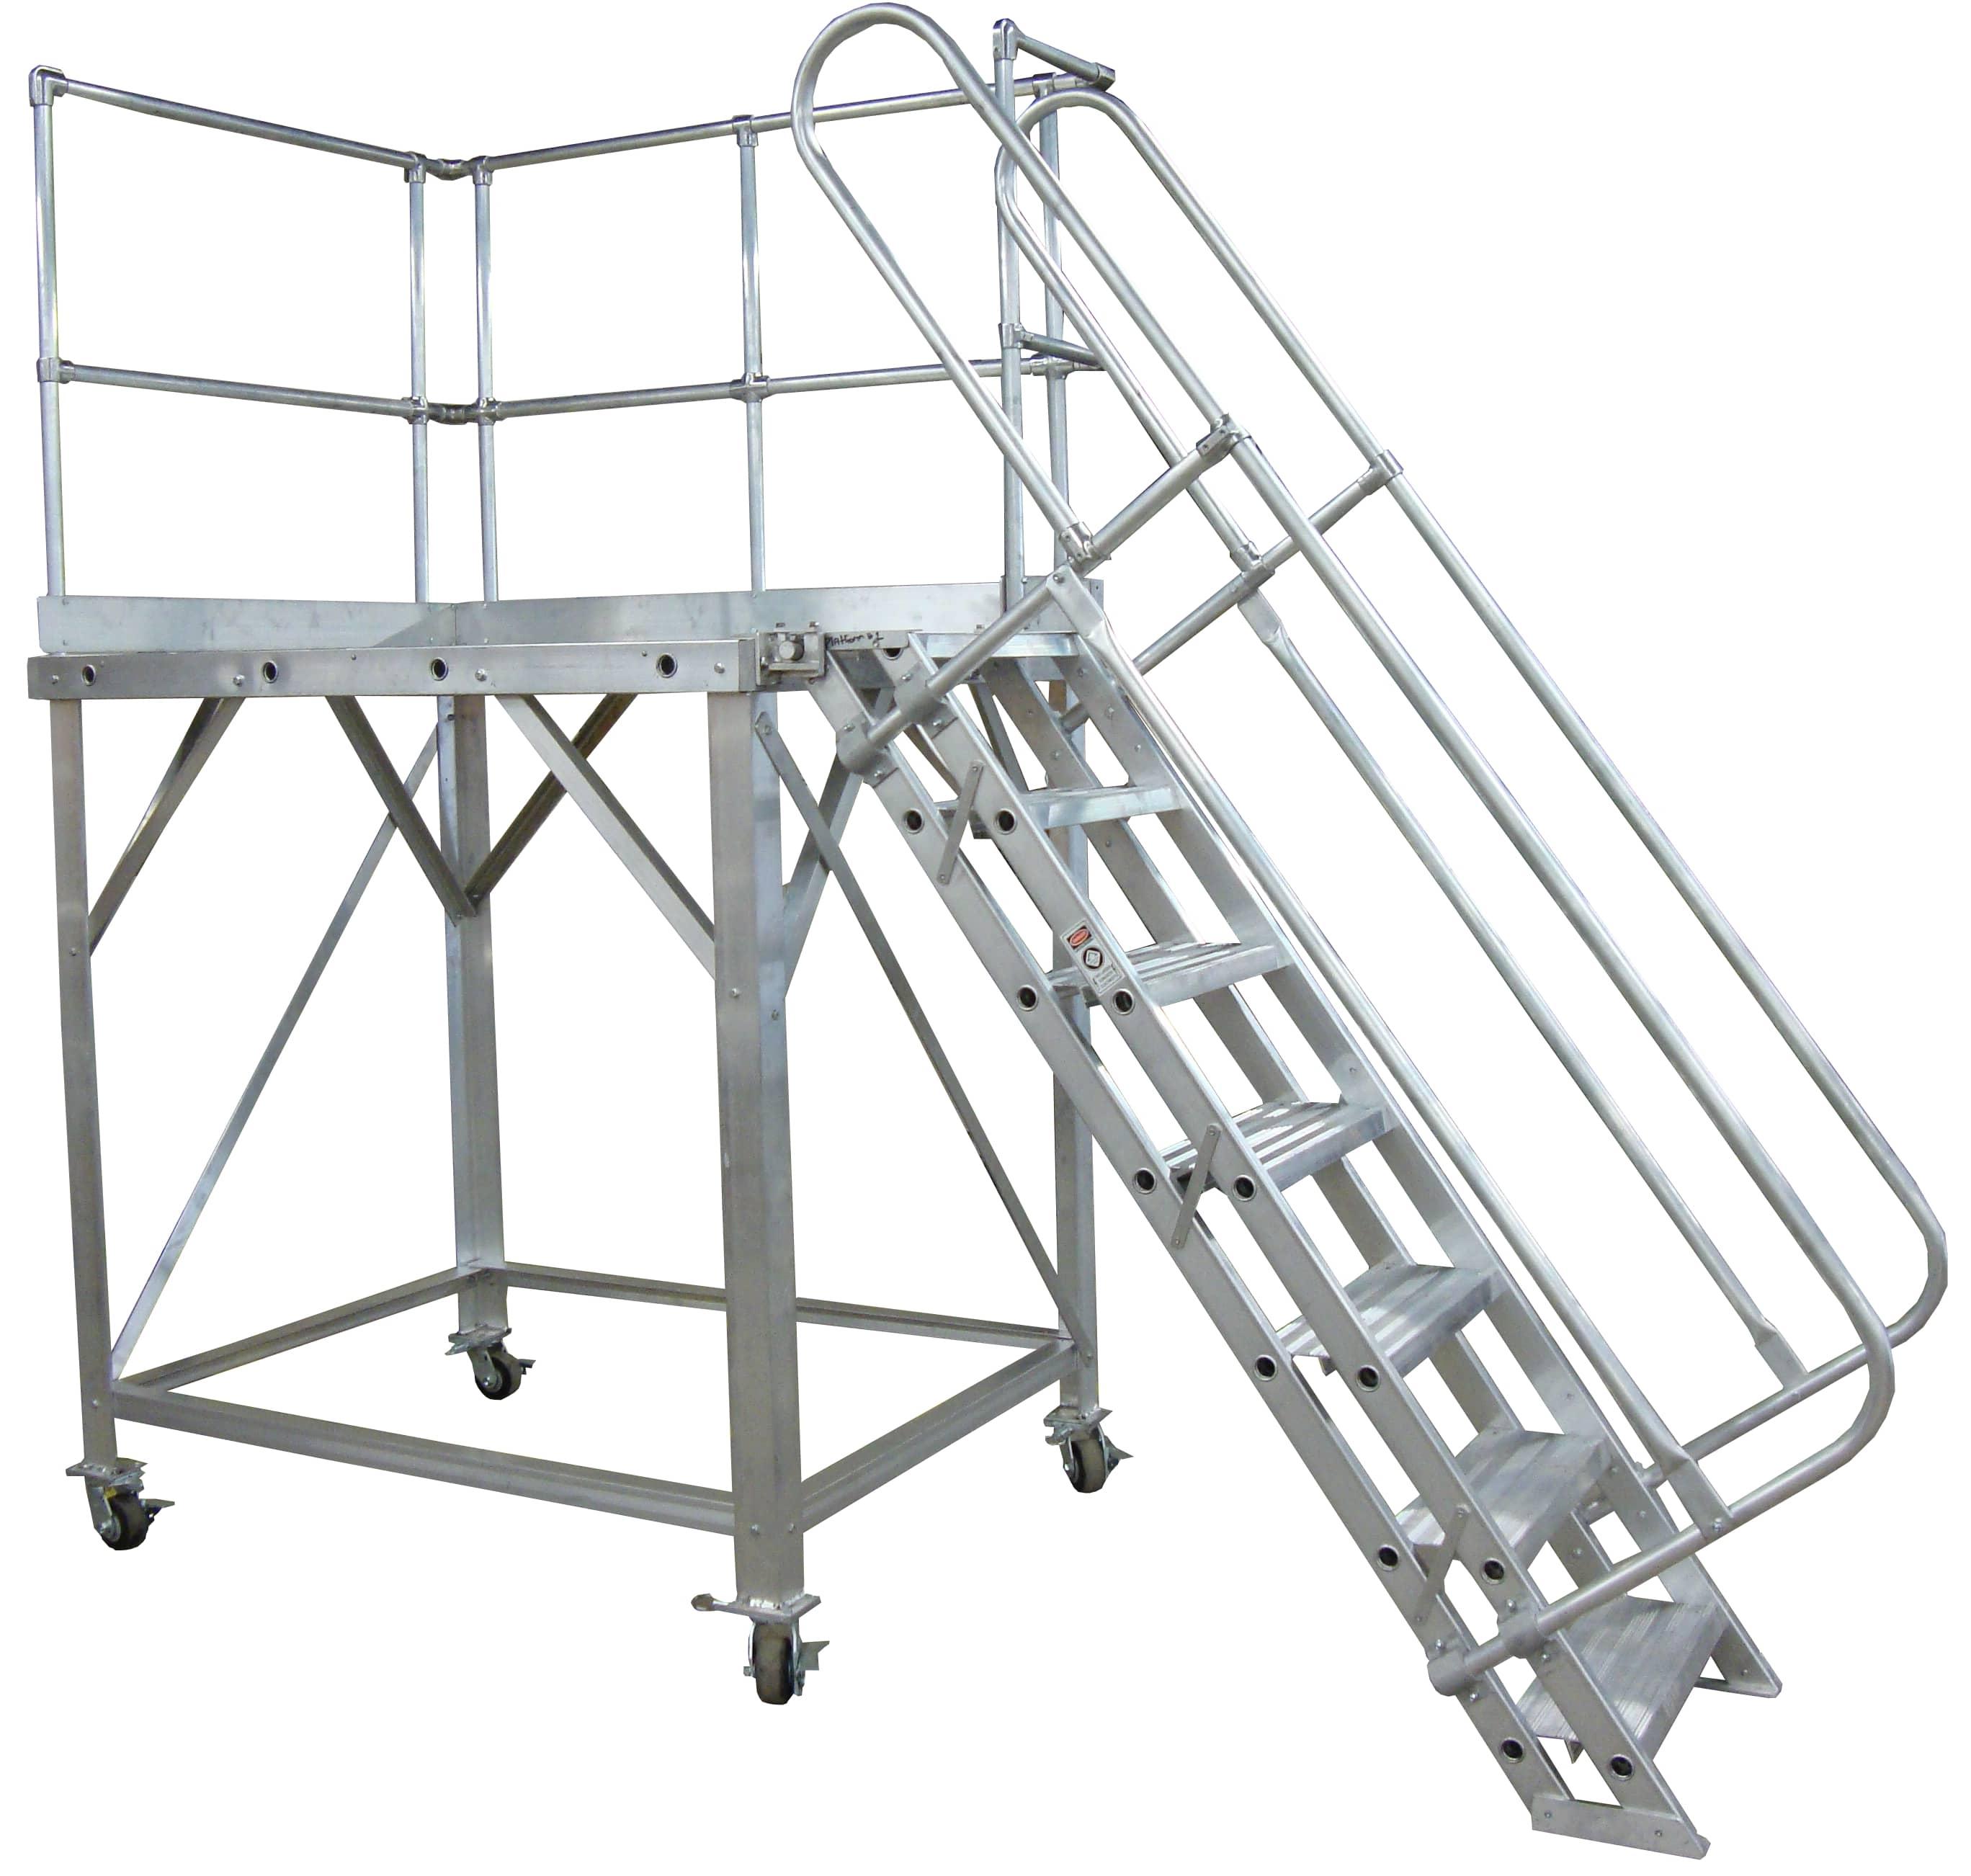 Rolling Work Platforms Metallic Ladder Manufacturing Corp